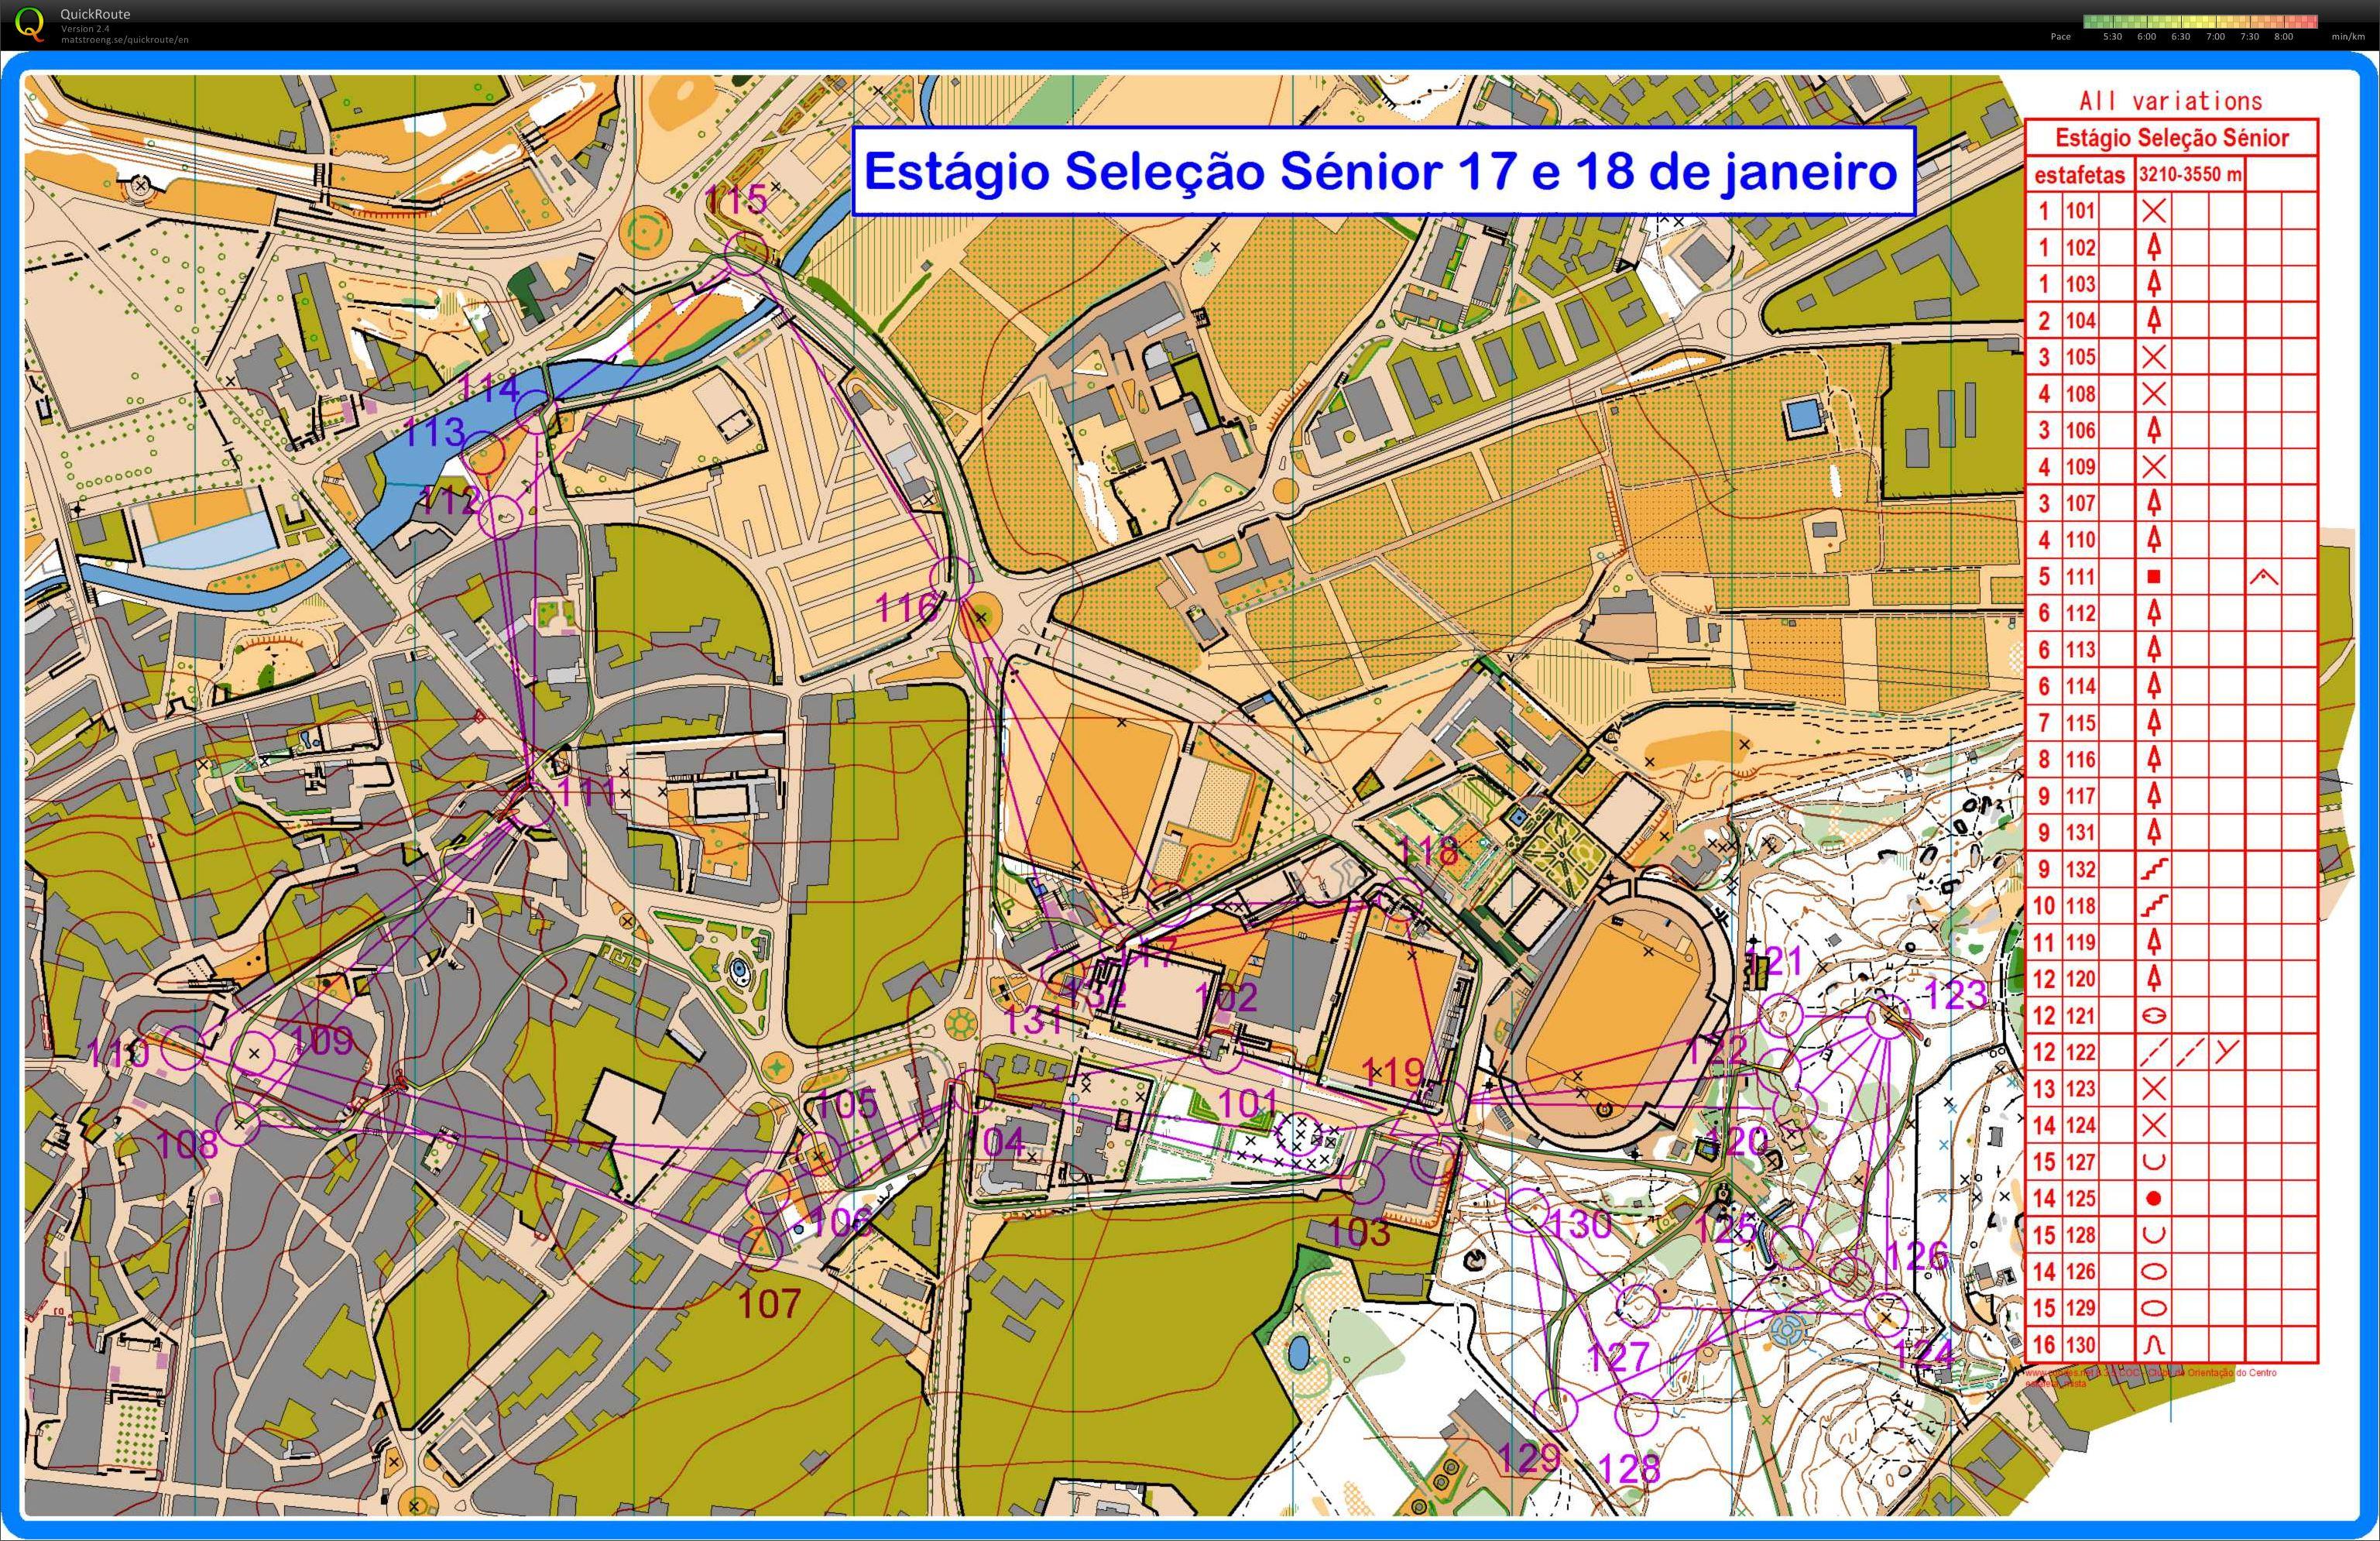 mapa de viseu Arquivo digital de mapas de orientação de Mariana Moreira  mapa de viseu